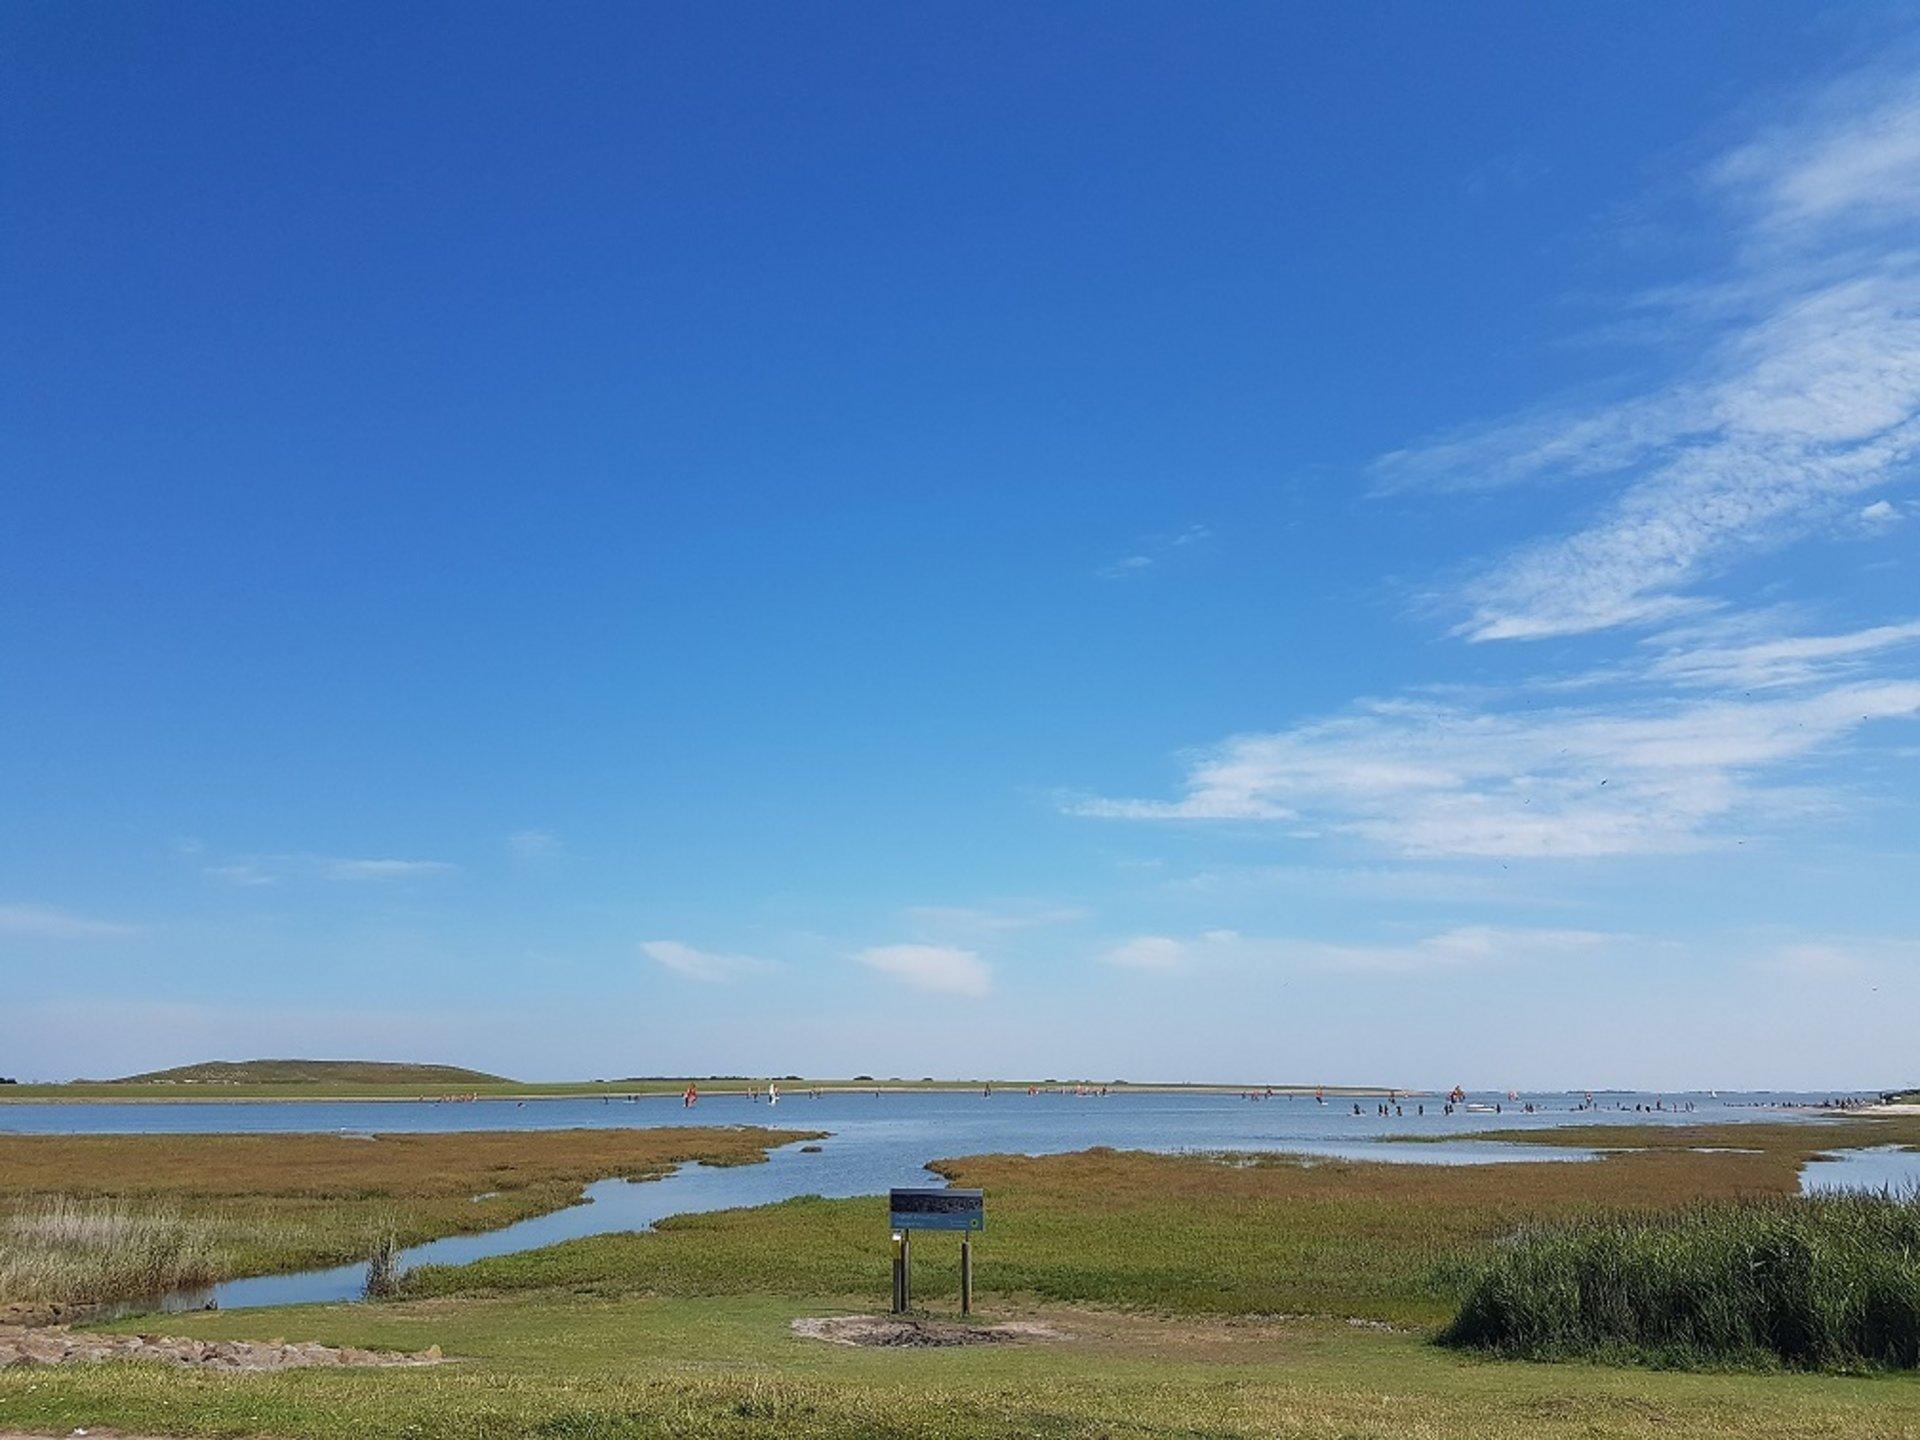 Blauer Himmel Norderney